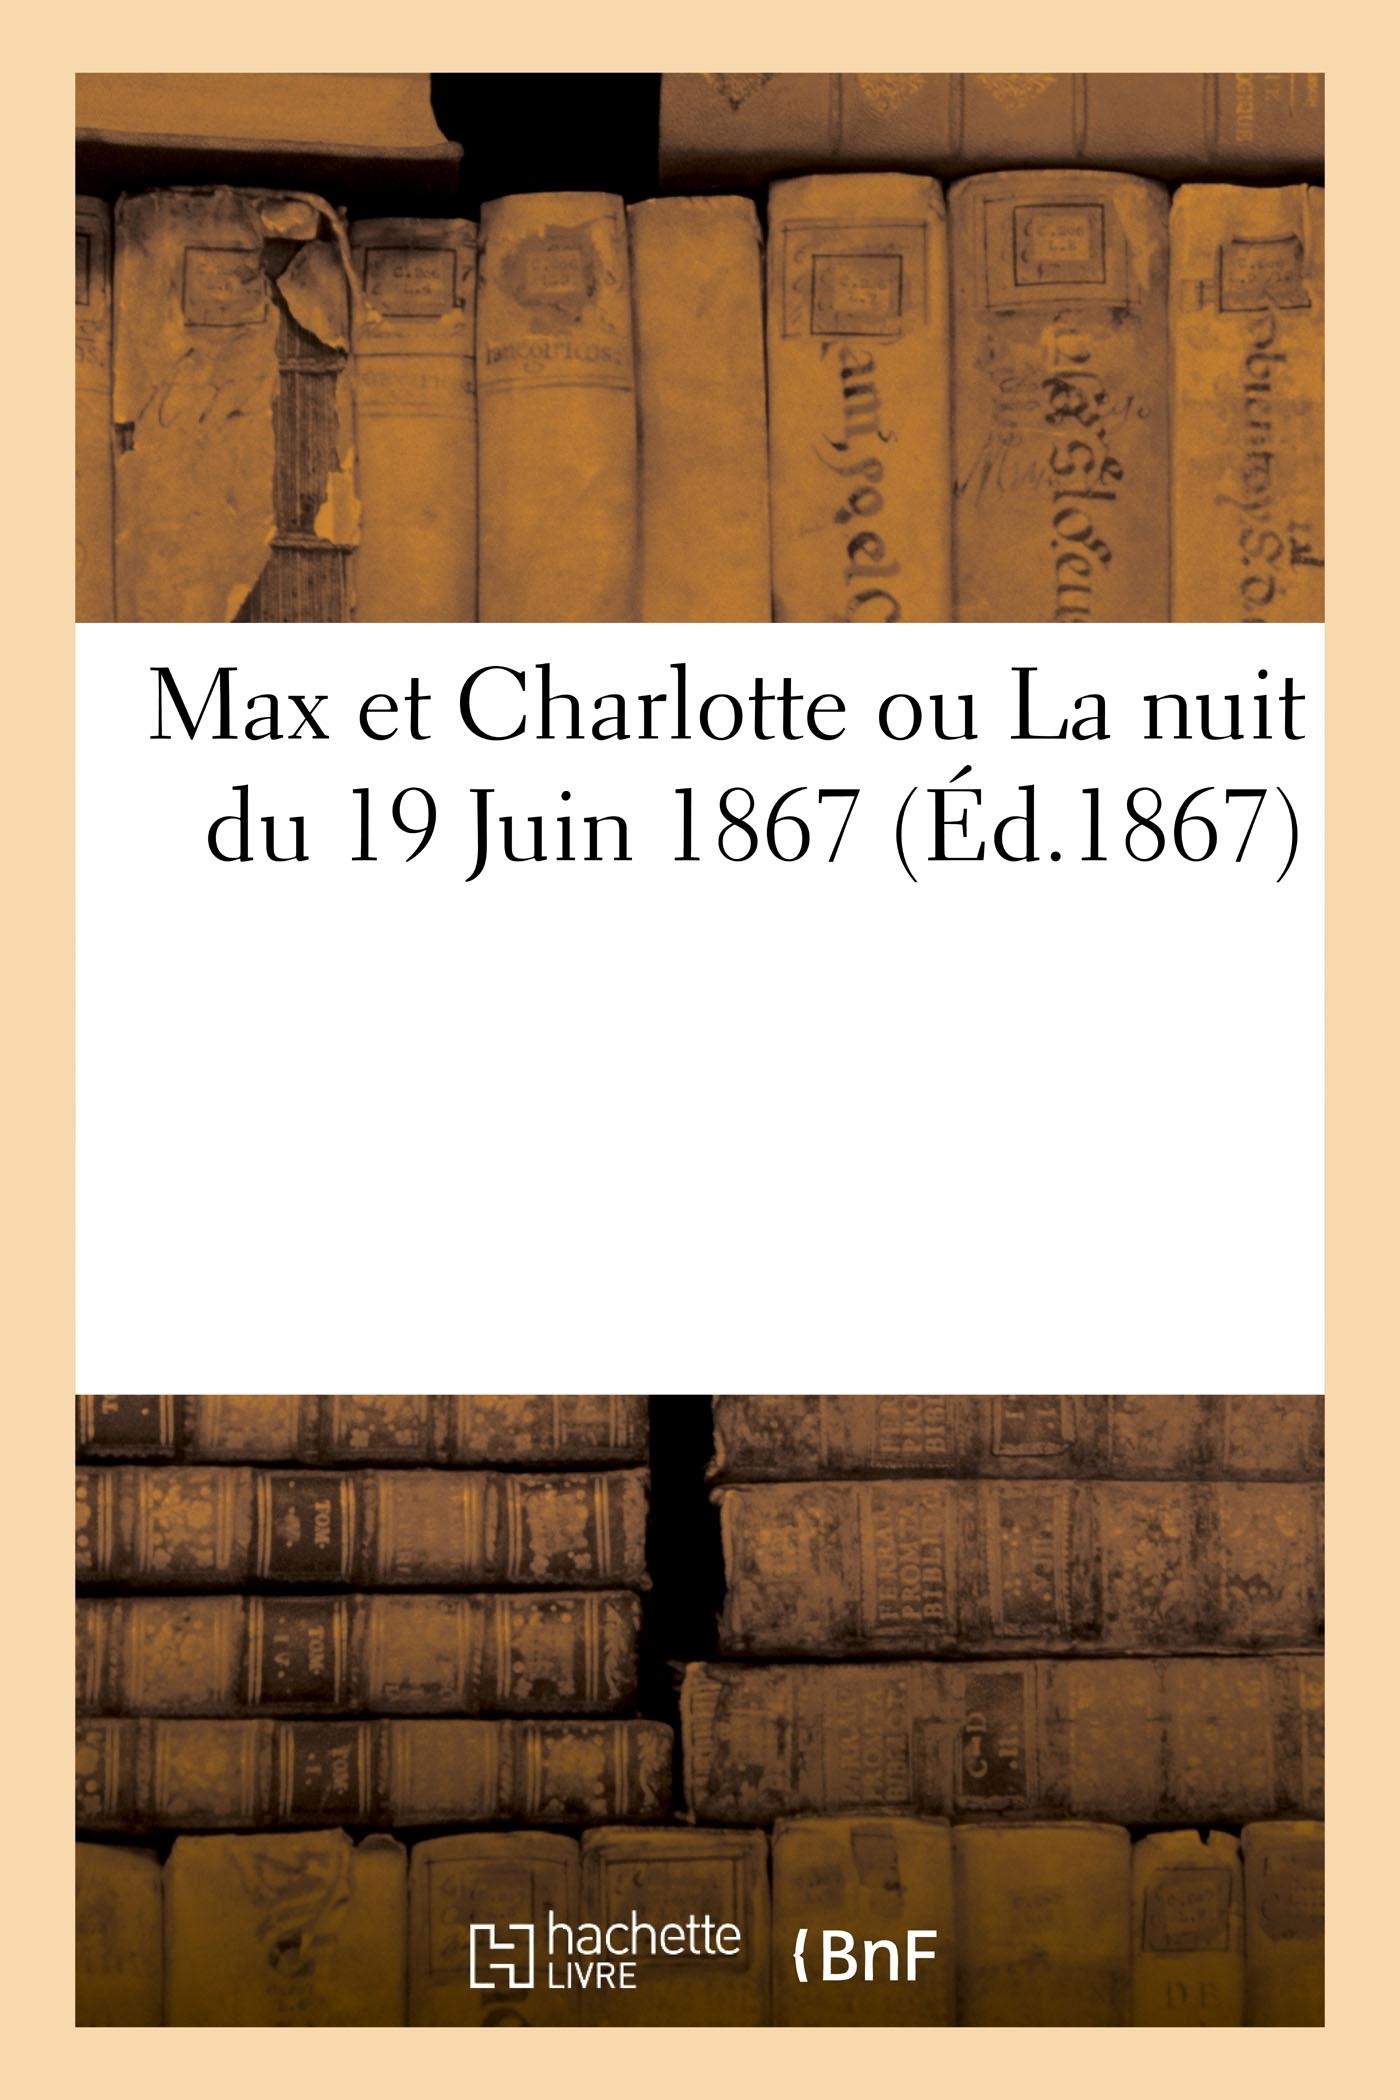 MAX ET CHARLOTTE OU LA NUIT DU 19 JUIN 1867